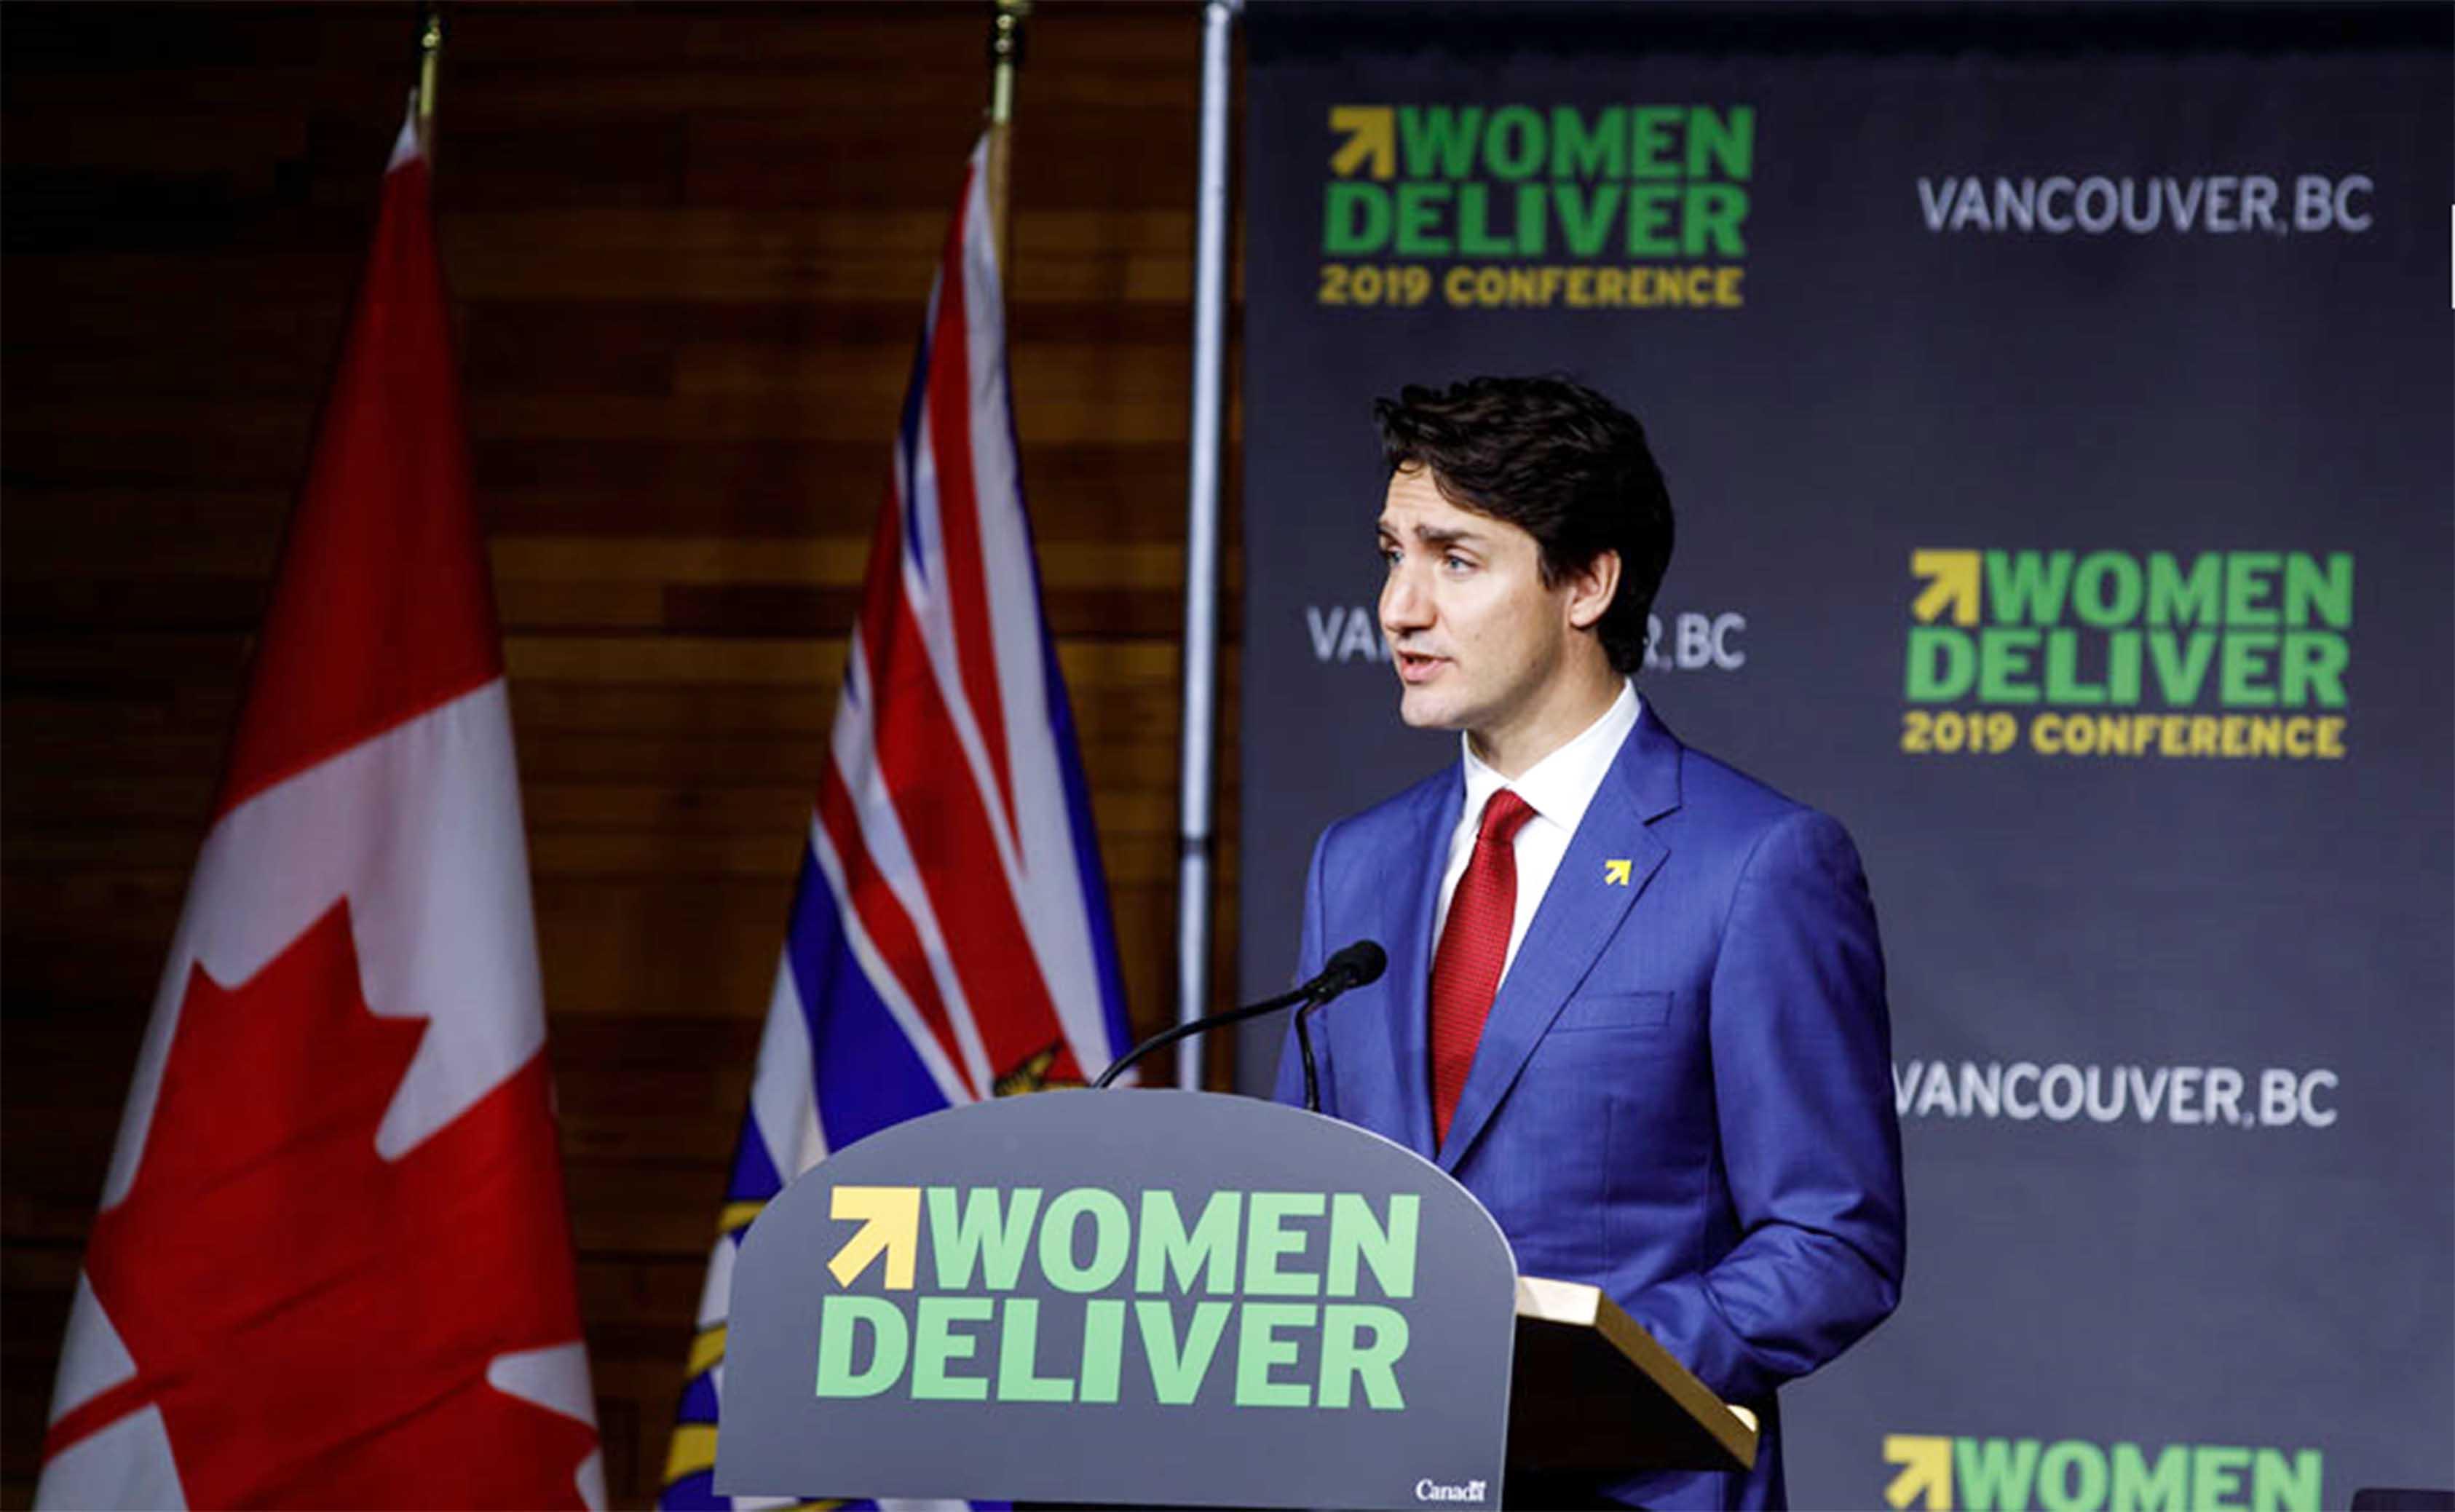 트뤼도 총리 Women Deliver 2019 밴쿠버 개최 발표